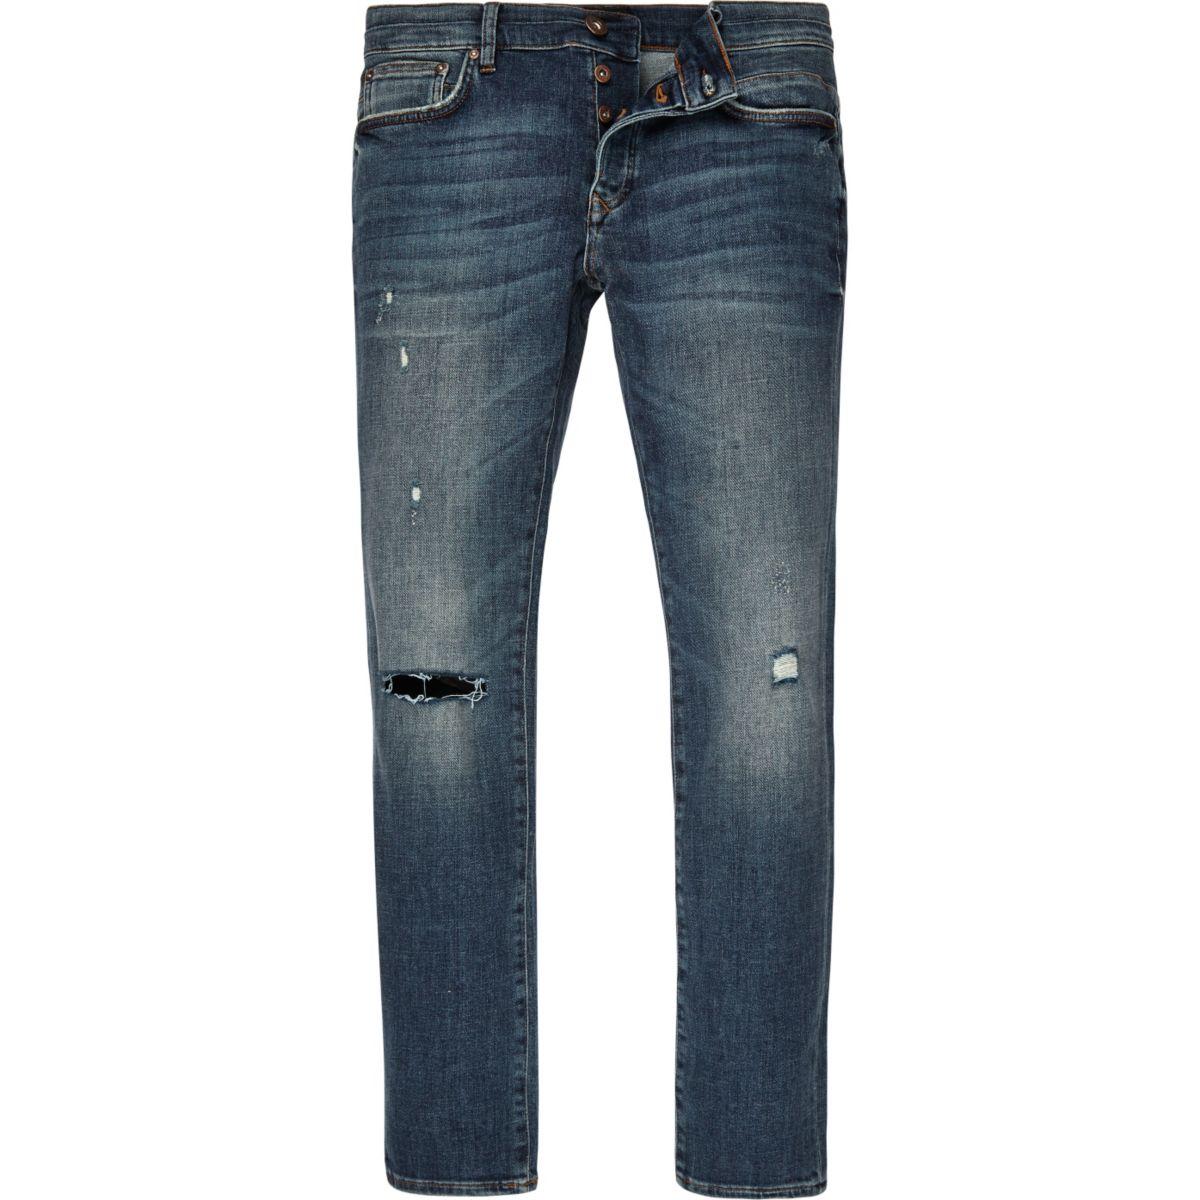 Sid – Jean cigarette skinny délavage bleu moyen